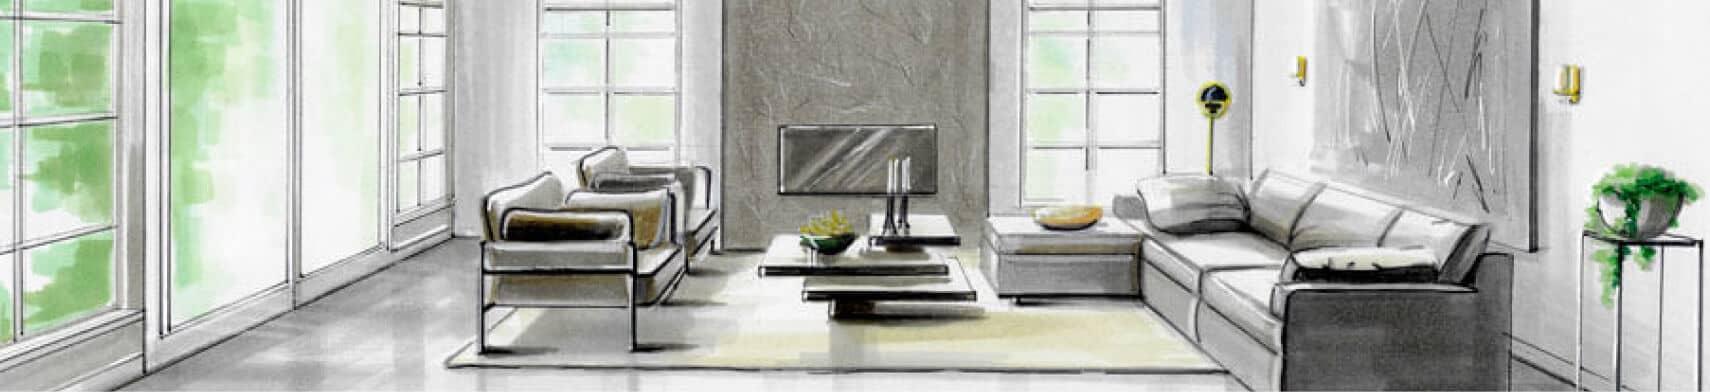 perspectief tekening woonkamer met veel licht